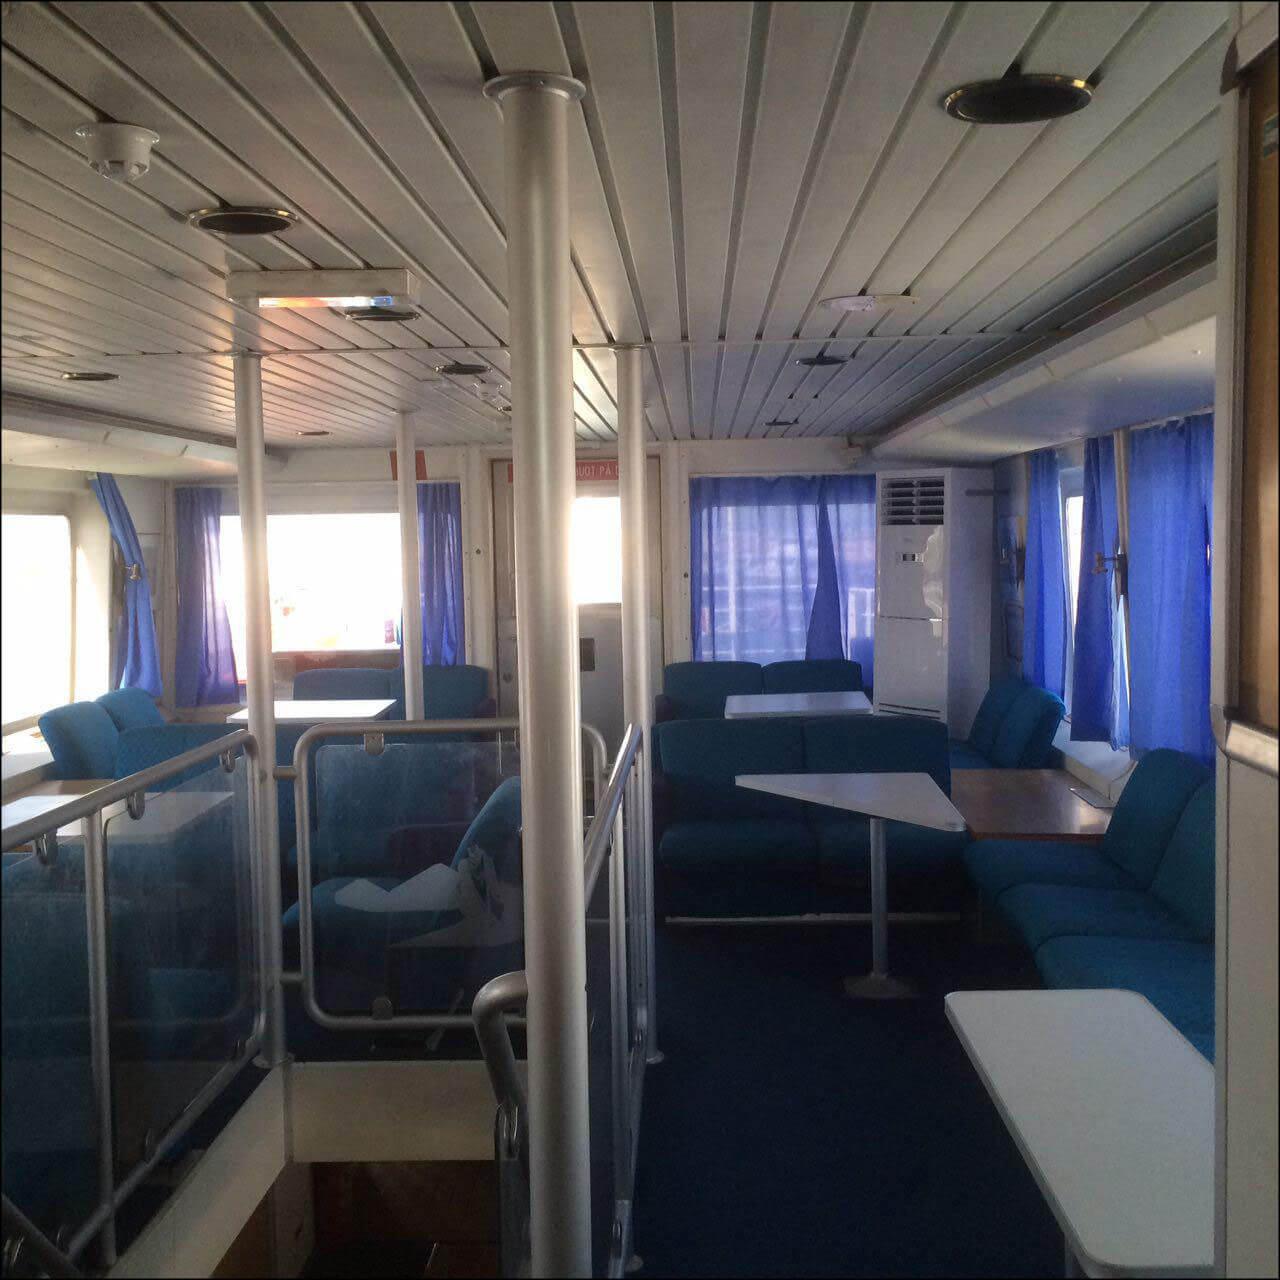 اجاره کشتی مسافربری کشتی مسافربری اجاره کشتی مسافربری photo 2017 03 12 09 28 17 copy